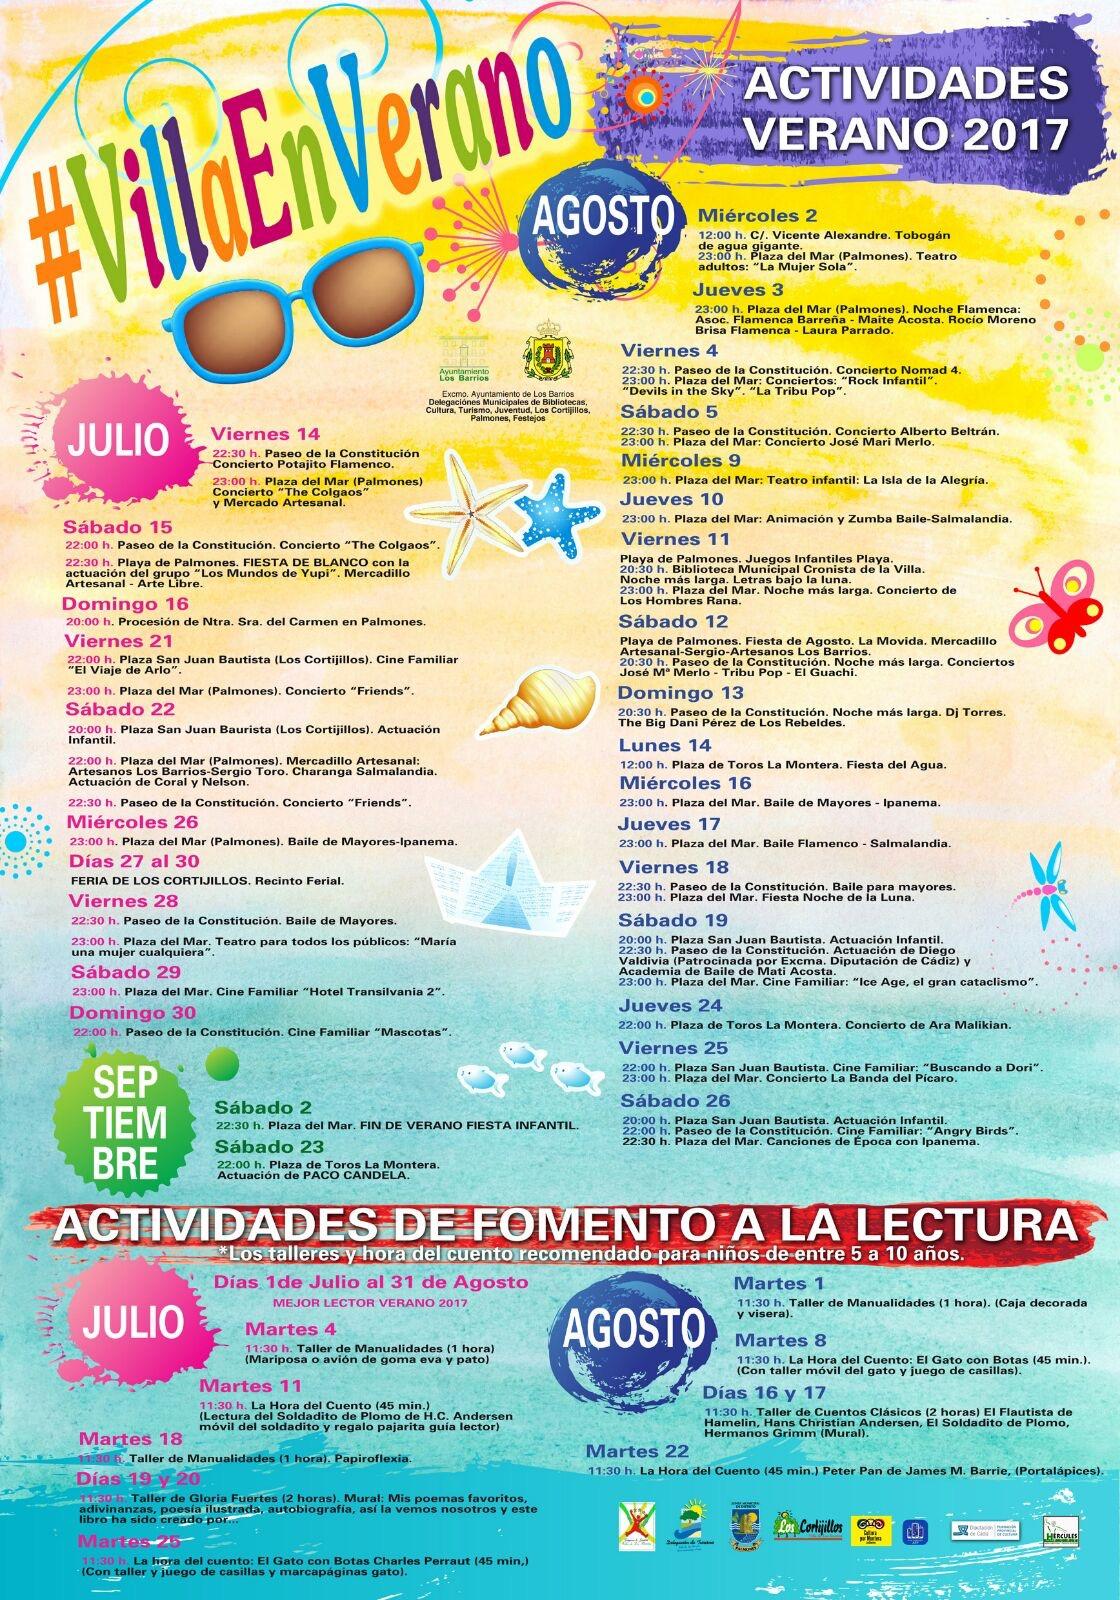 Más de 40 actividades para la programación veraniega #VillaEnVerano